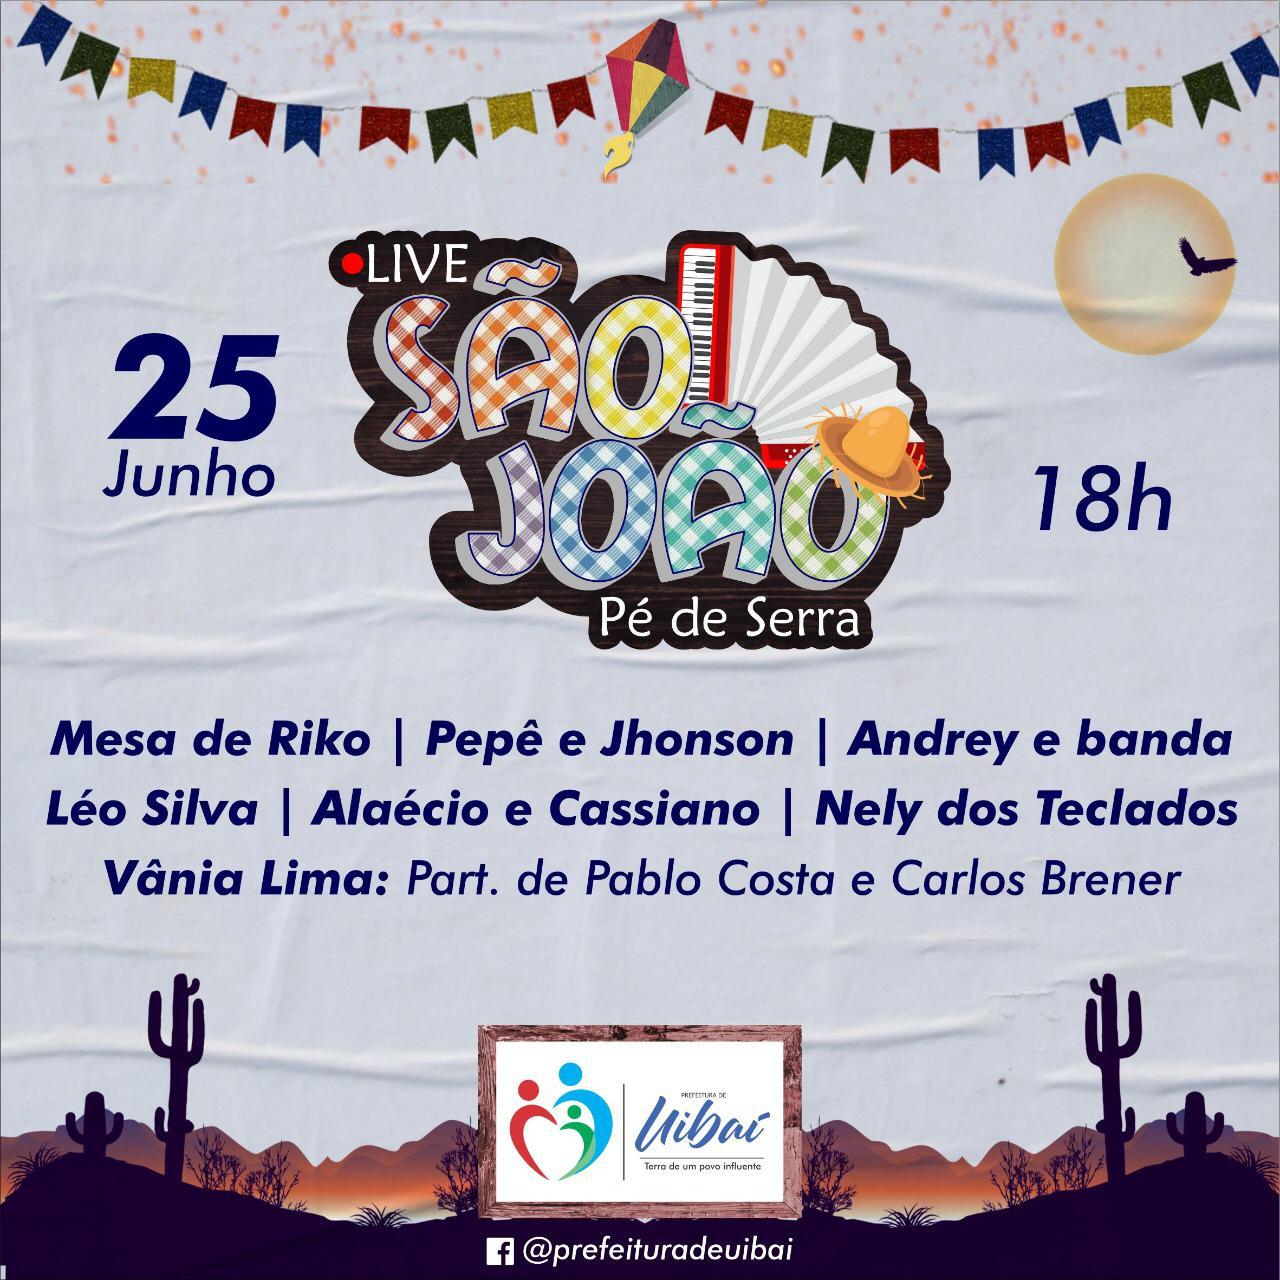 Uiba-promove-Live-So-Joo-P-de-Serra